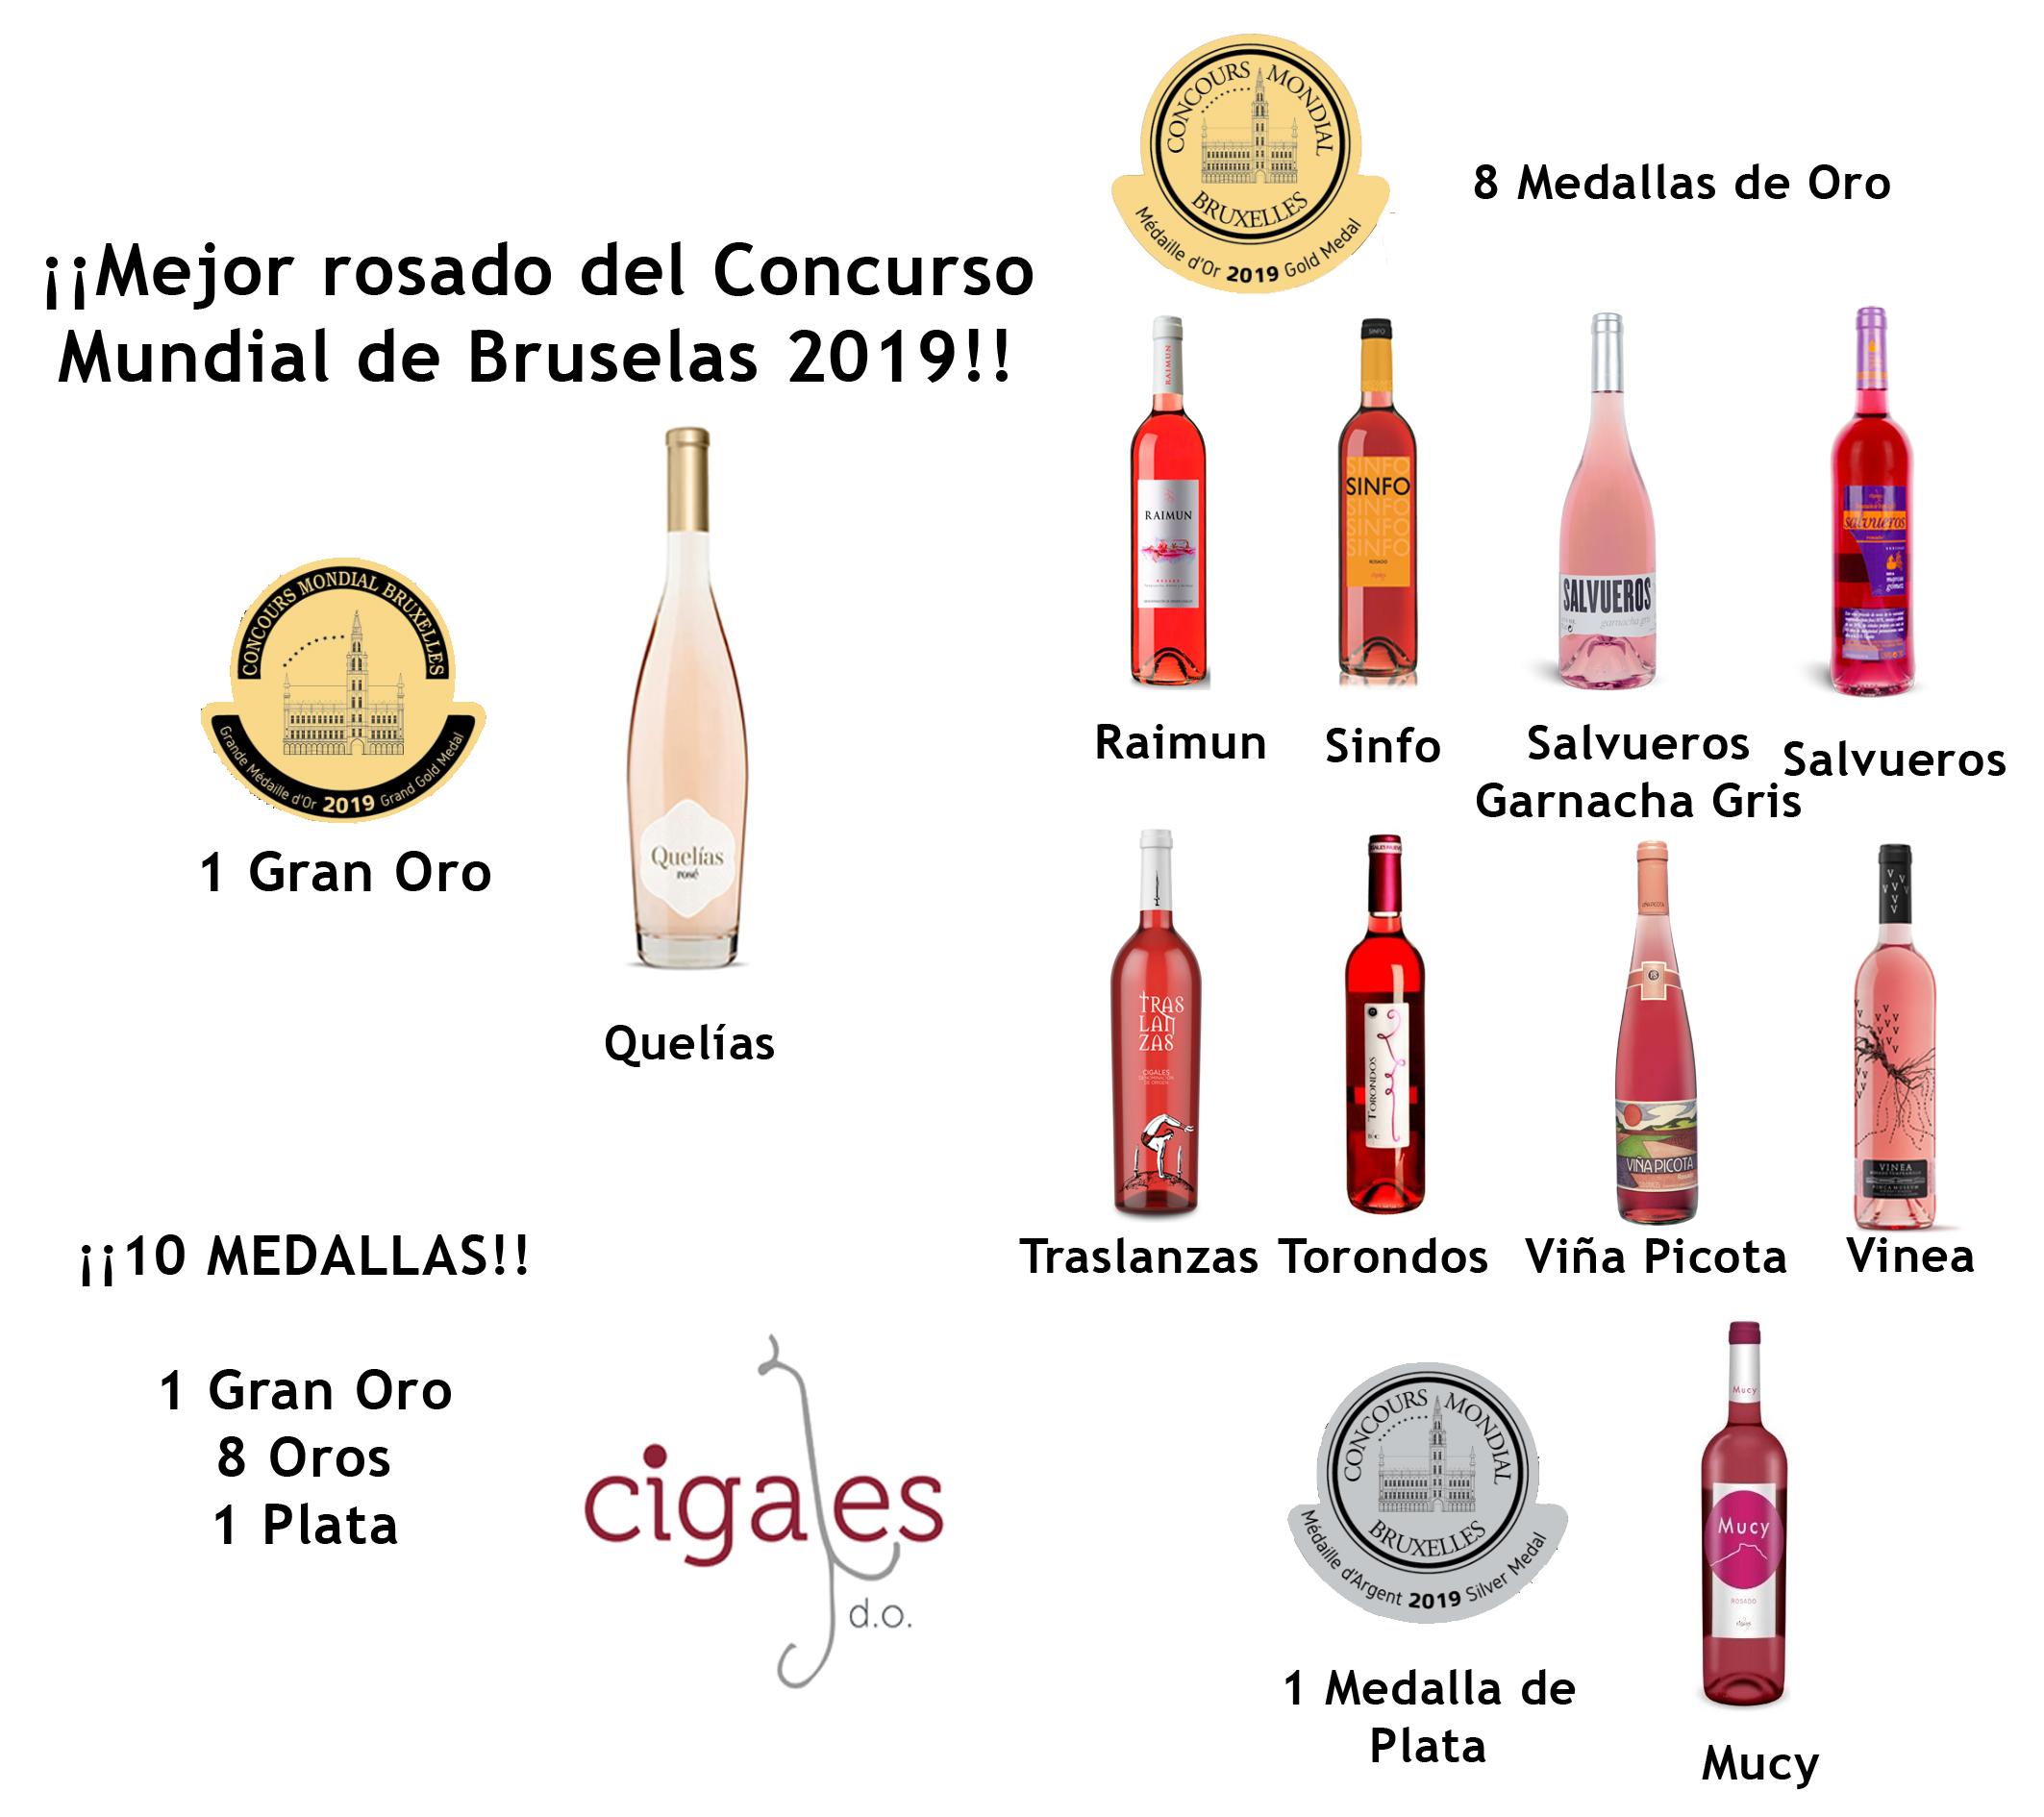 Quelías, mejor rosado del Concurso Mundial de Bruselas 2019